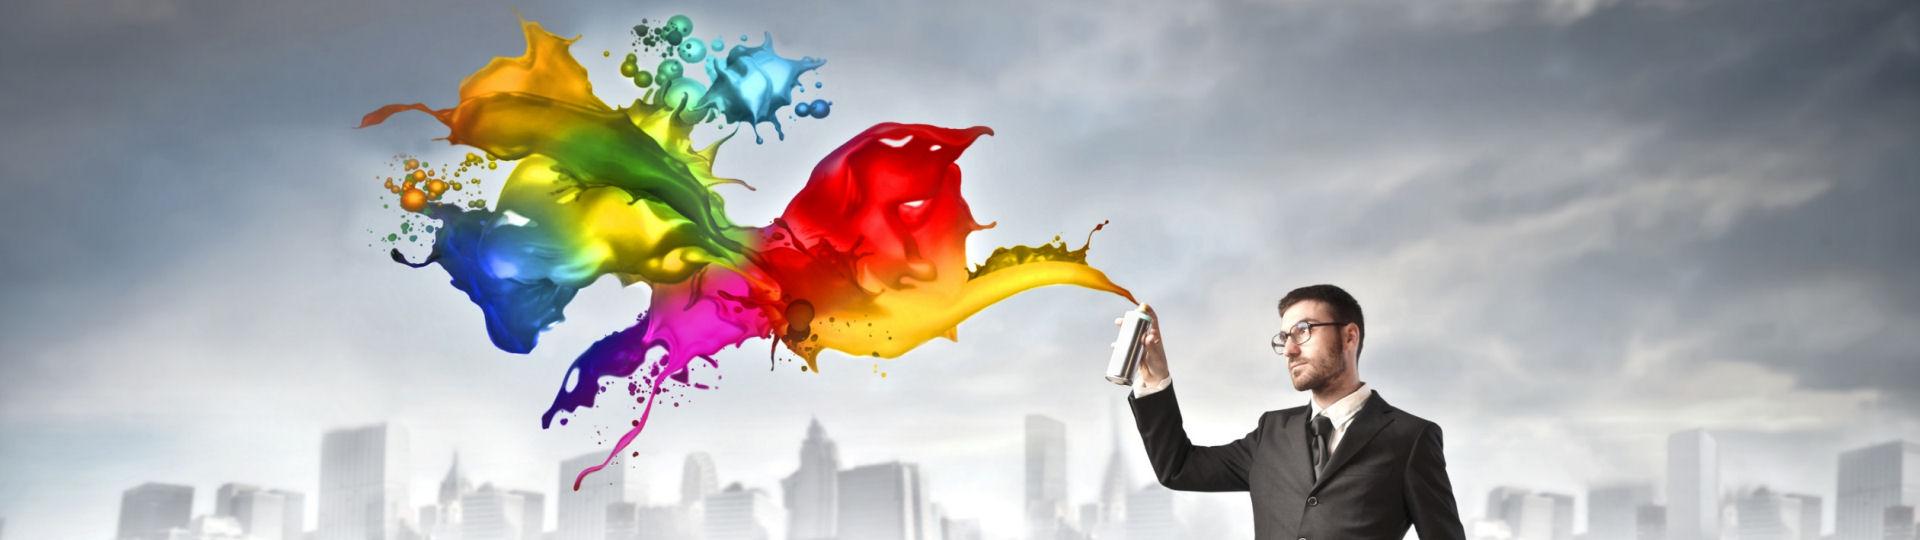 Creazione e realizzazione siti web Crema